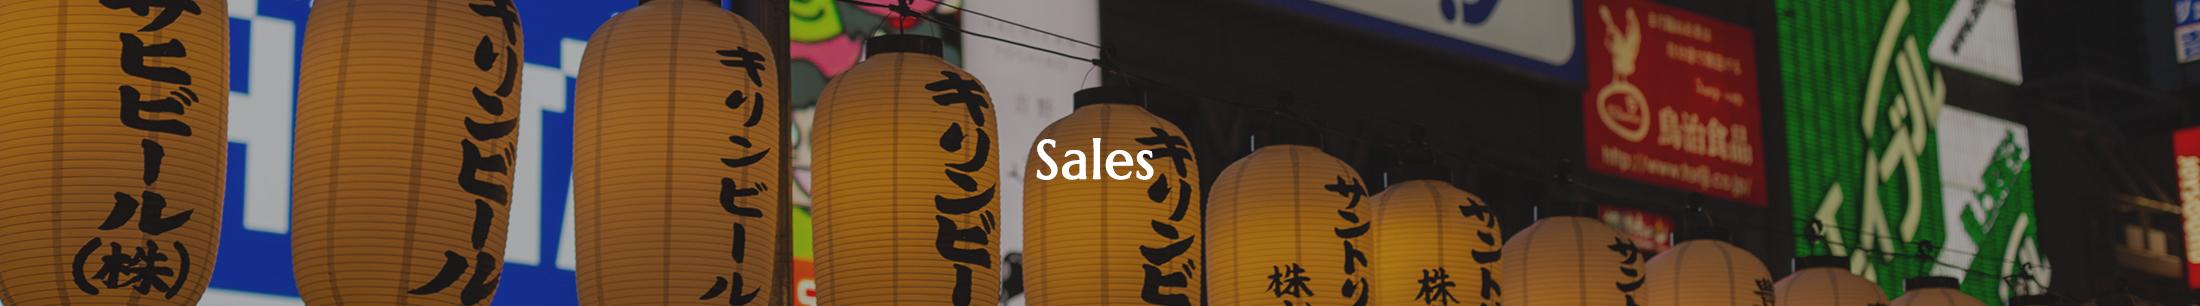 Seikatsu sales